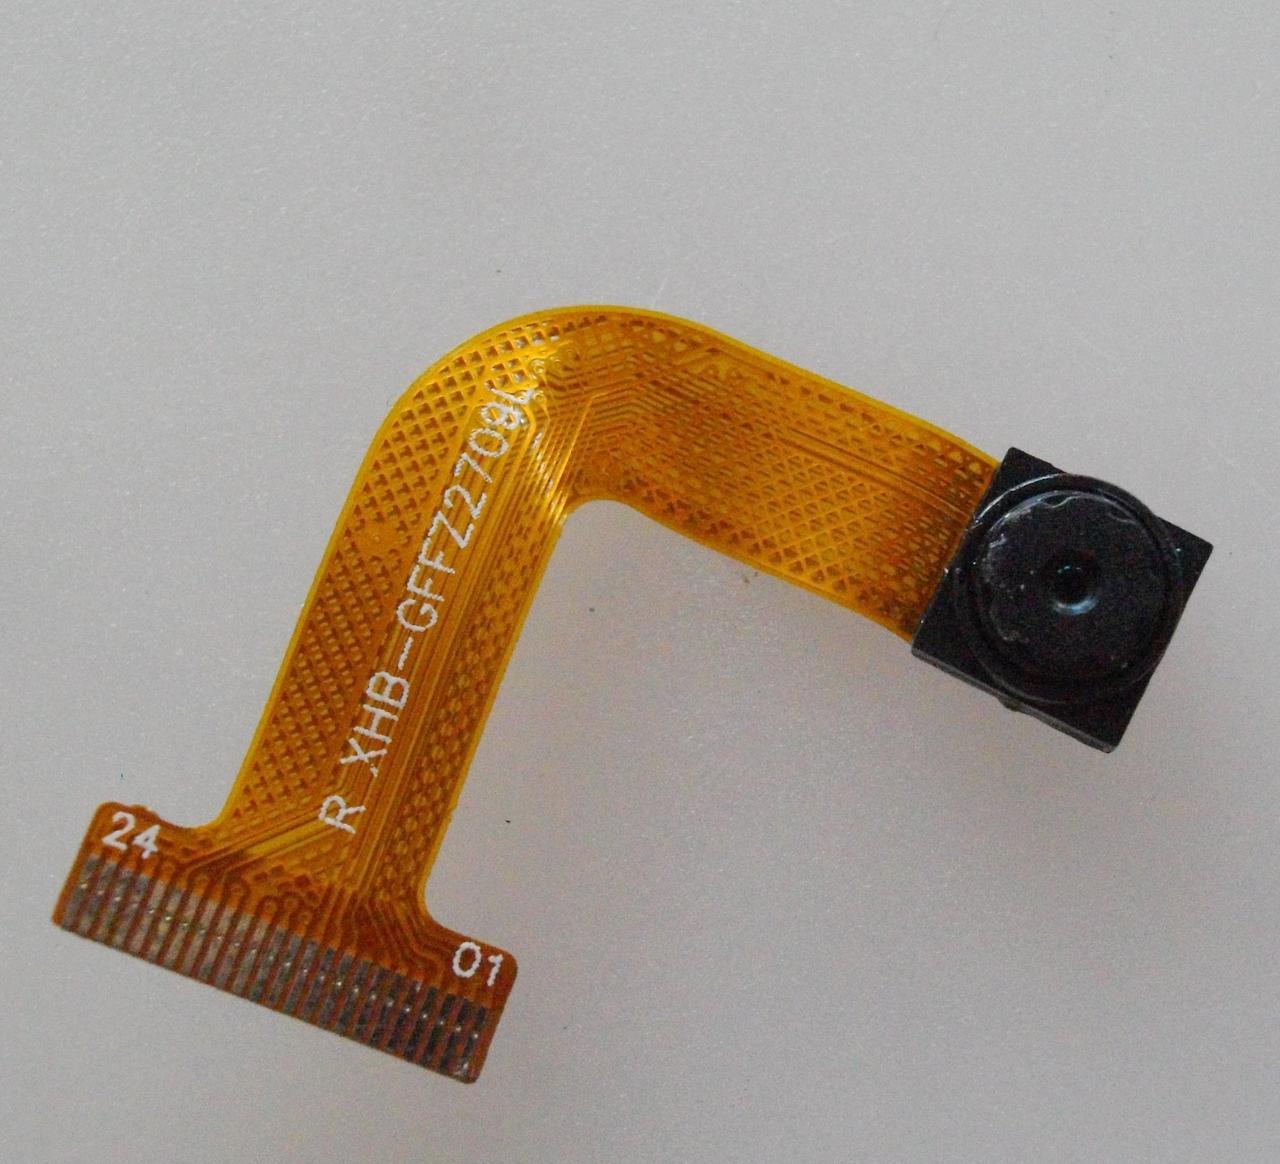 Камера задняя, основная, тыльная для планшета Impression ImPad 9701, 9701/16 БУ